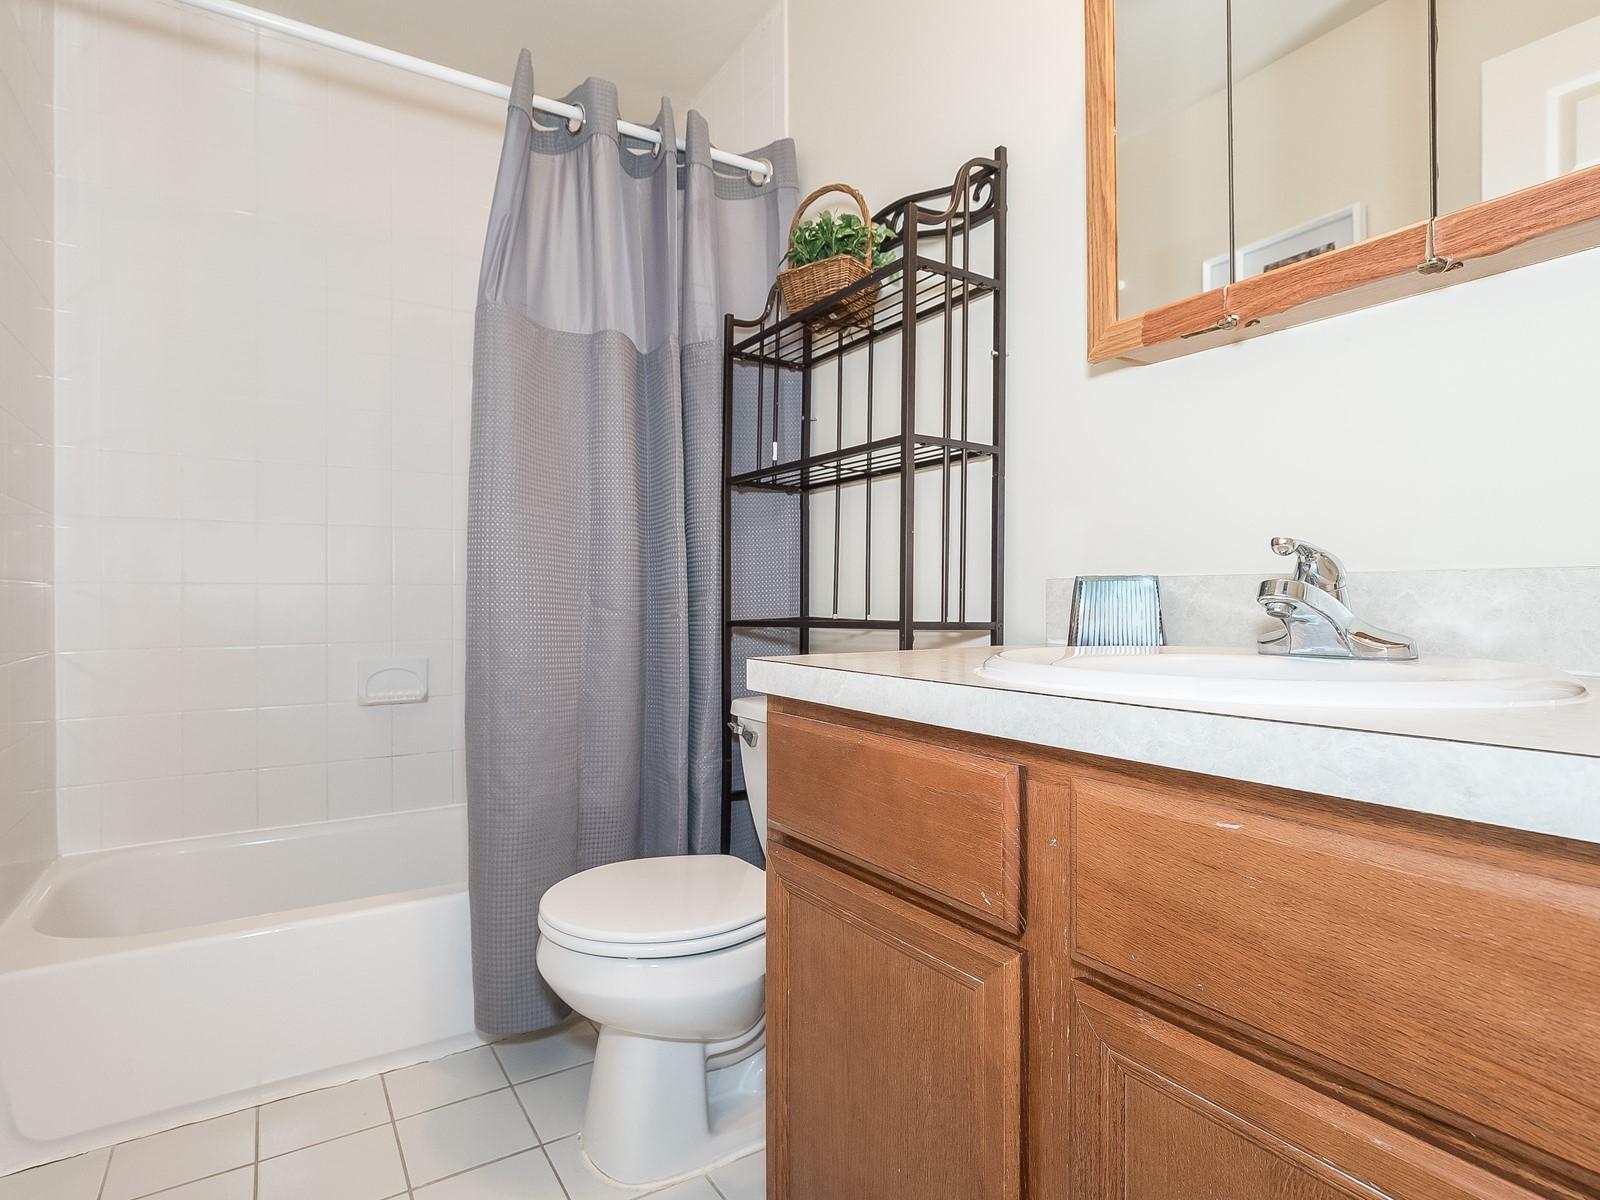 10-Bridgewater FurnishedApartment_22_HallBathroom